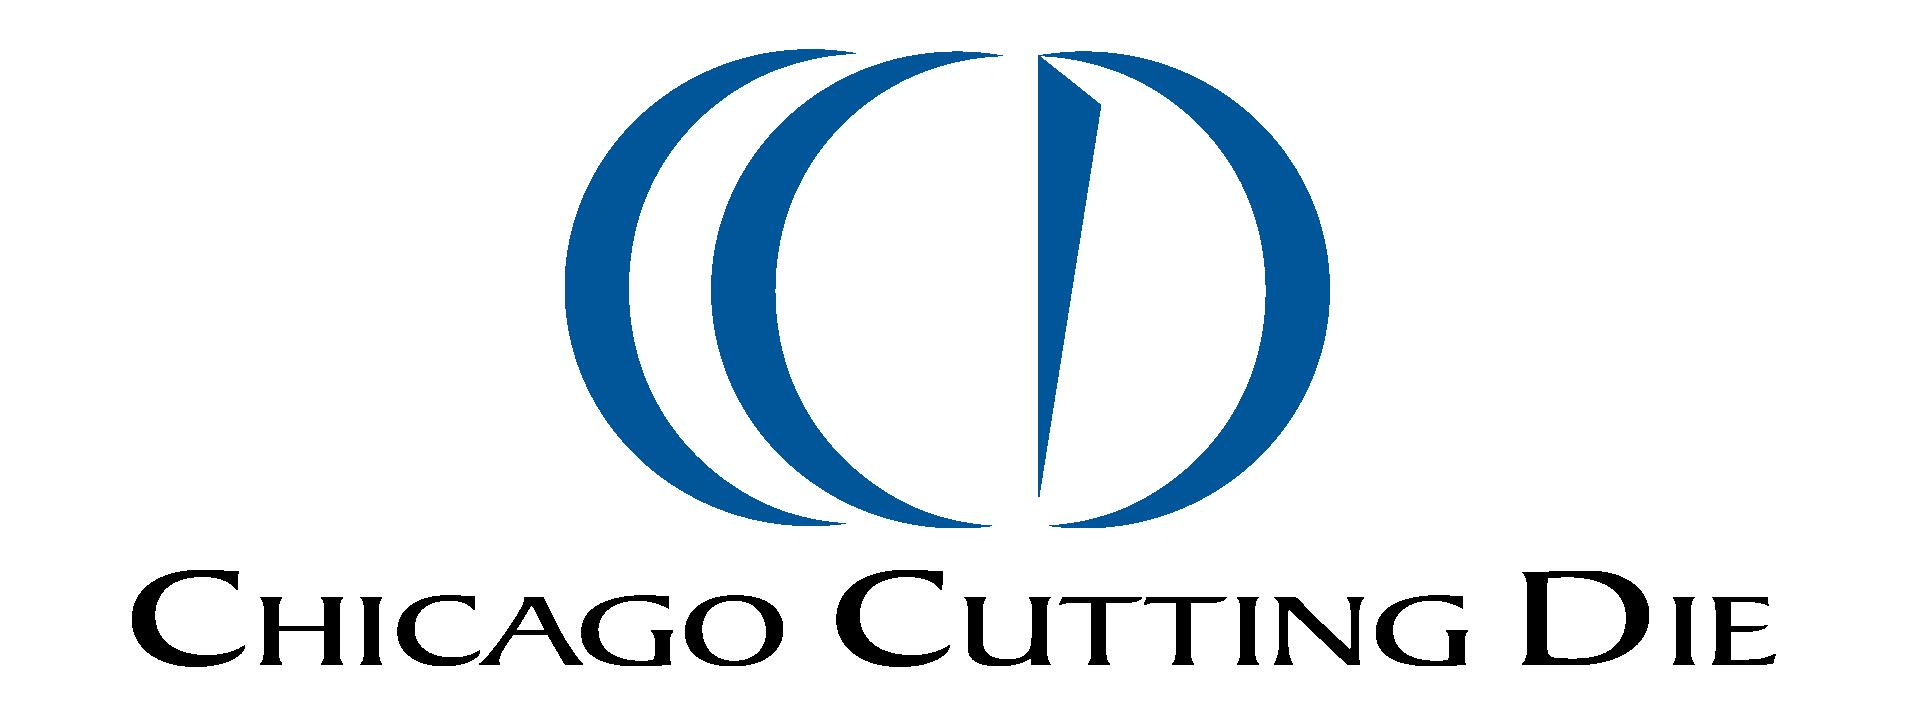 Chicago Cutting Die after logo